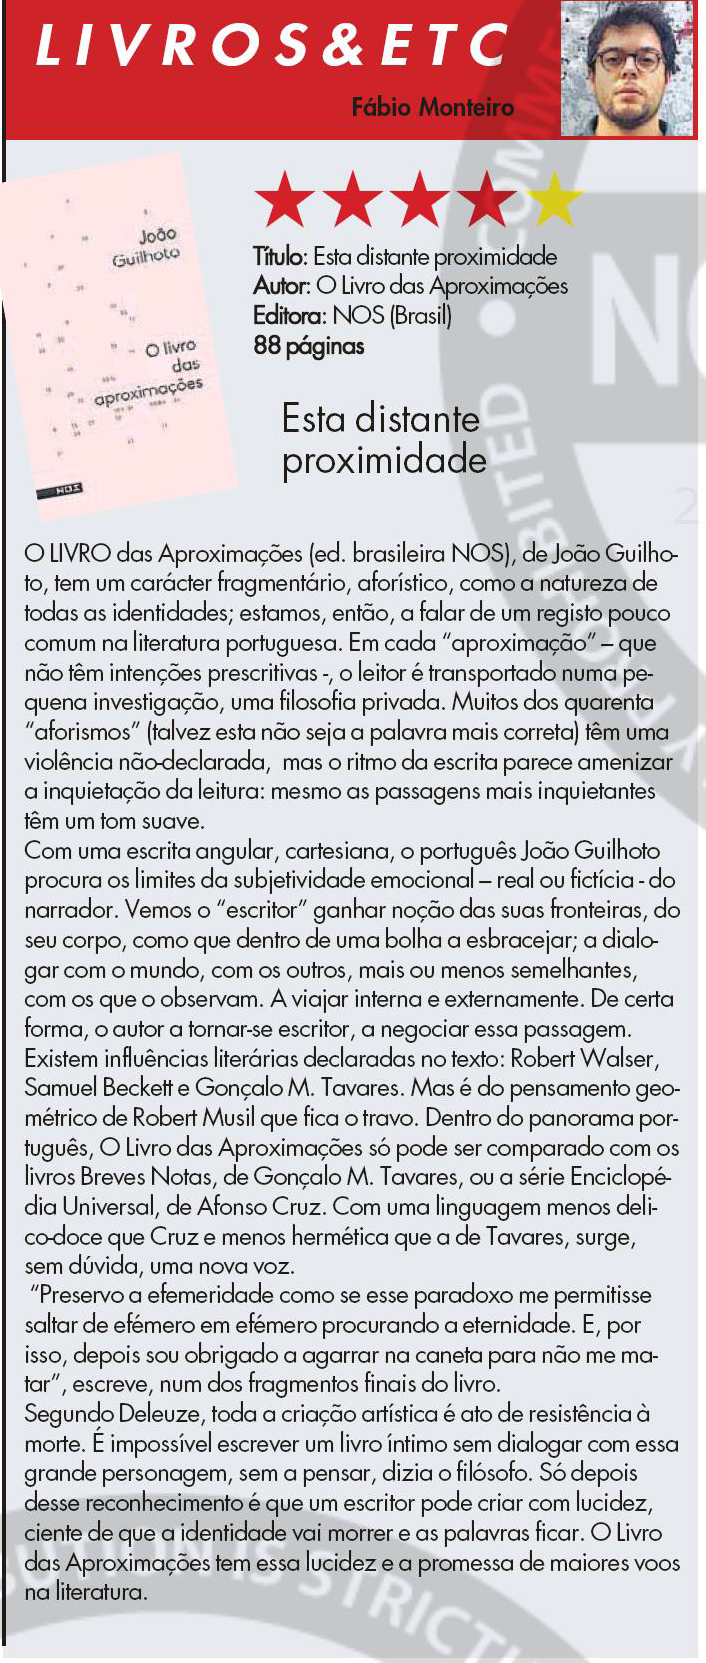 critica_FabioMonteiro_2